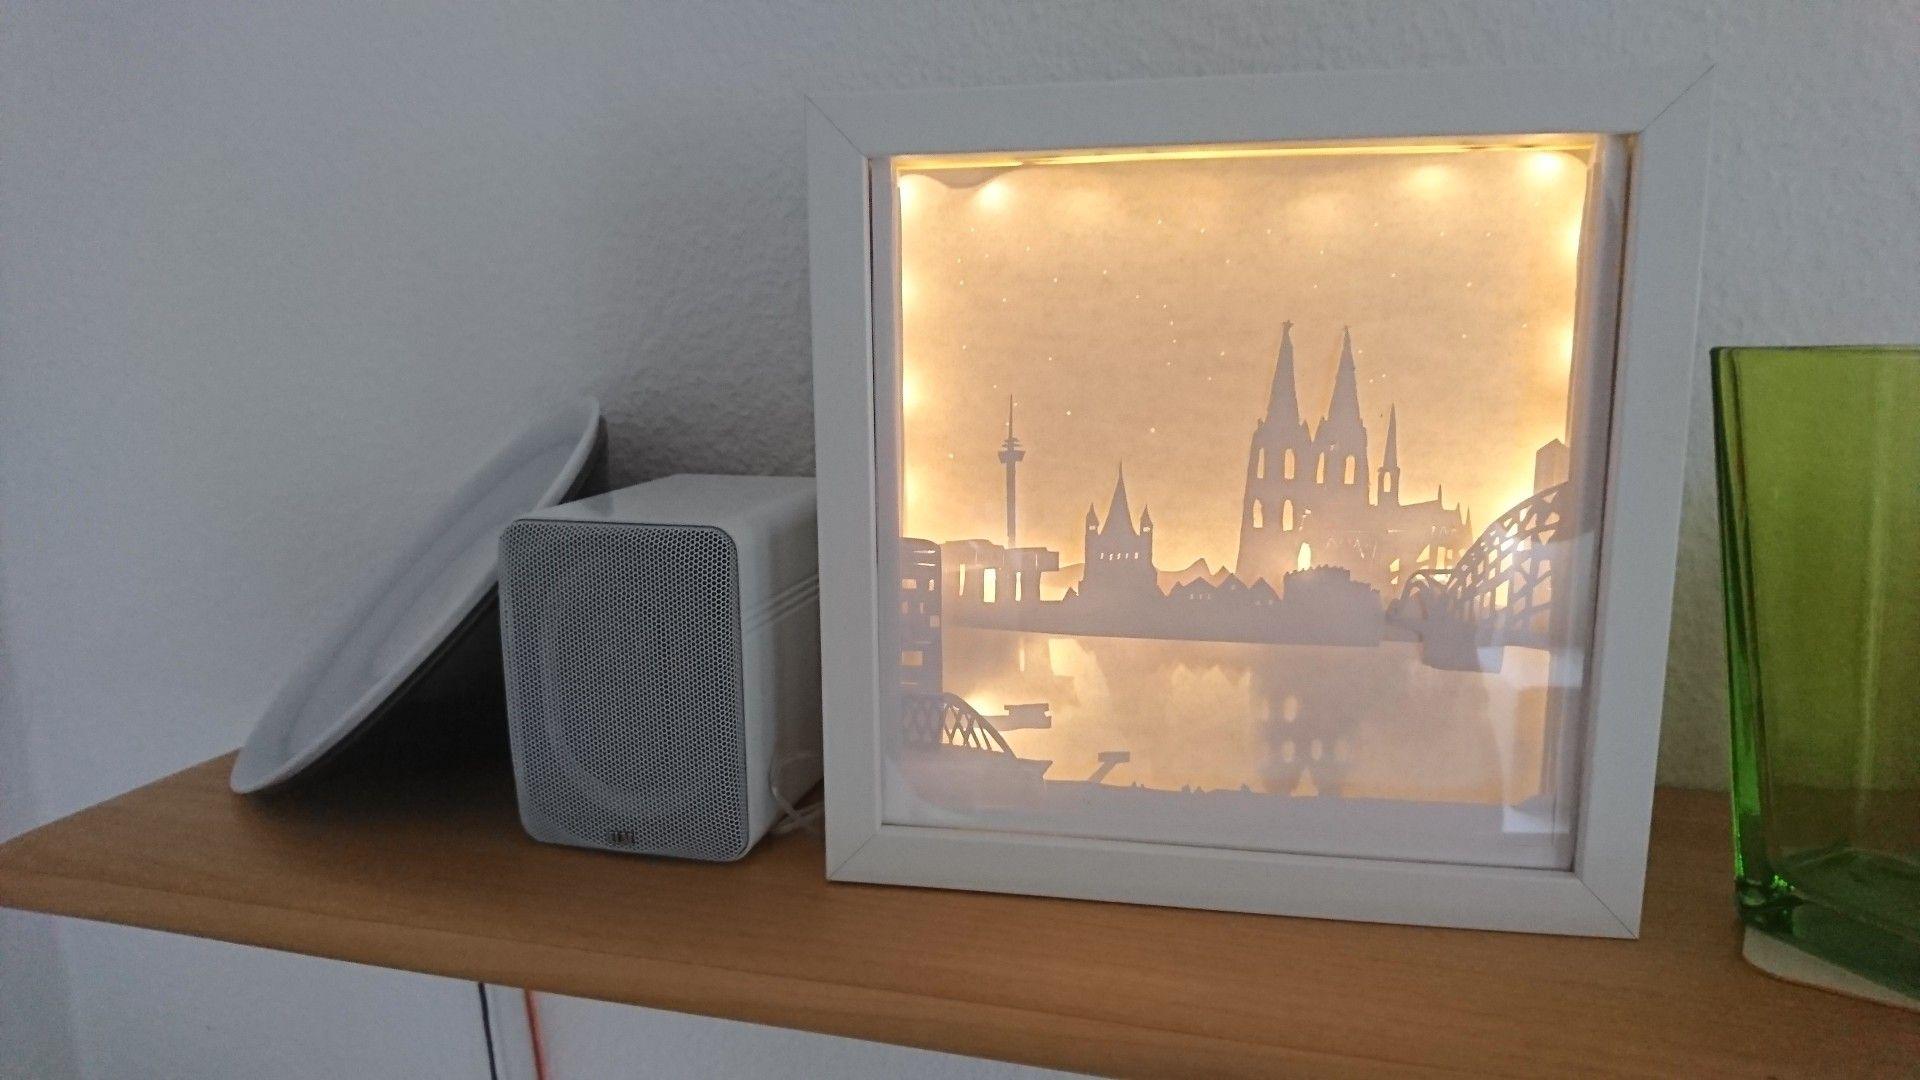 Ikea Ribba Lichtbox Koln Licht Box Ikea Ribba Nachtlicht